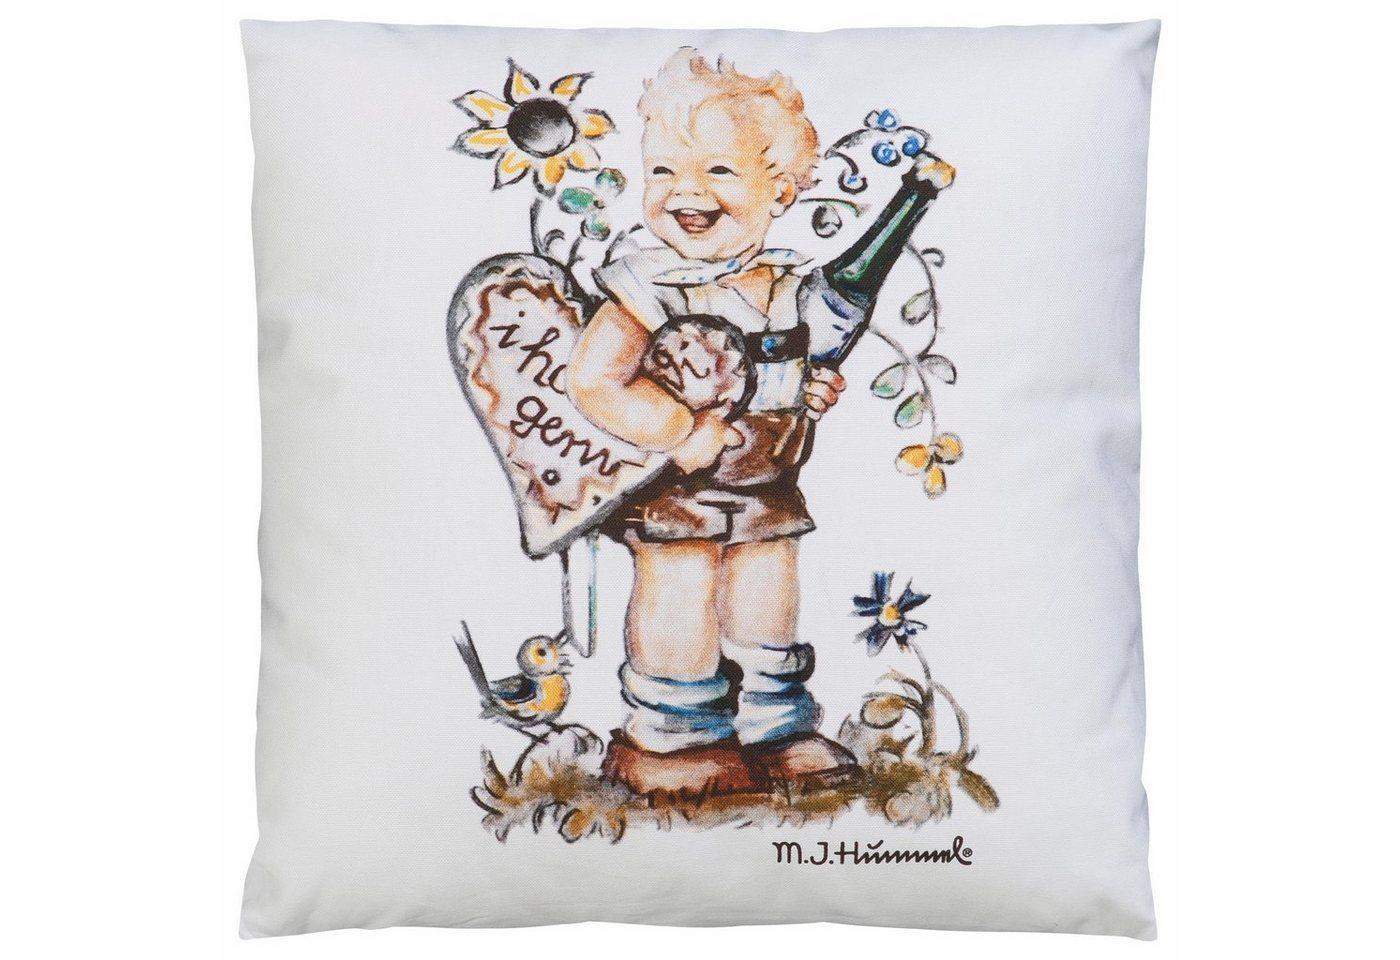 Kissenbezug »I hab di gern - Junge«, M.I. Hummel (1 Stück), mit Hummel Figur